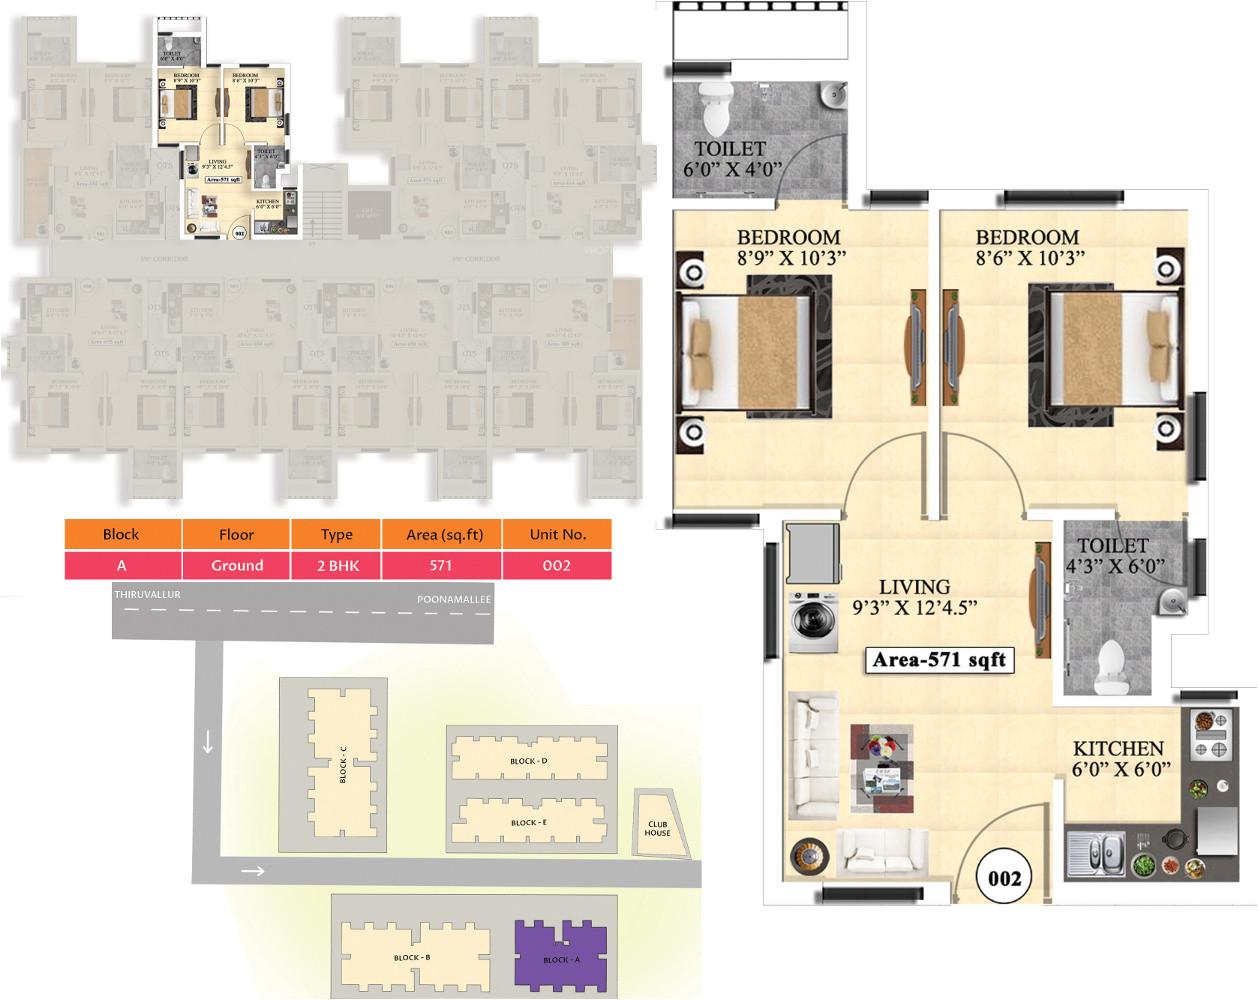 2bhk 2t 571 sqft apartment